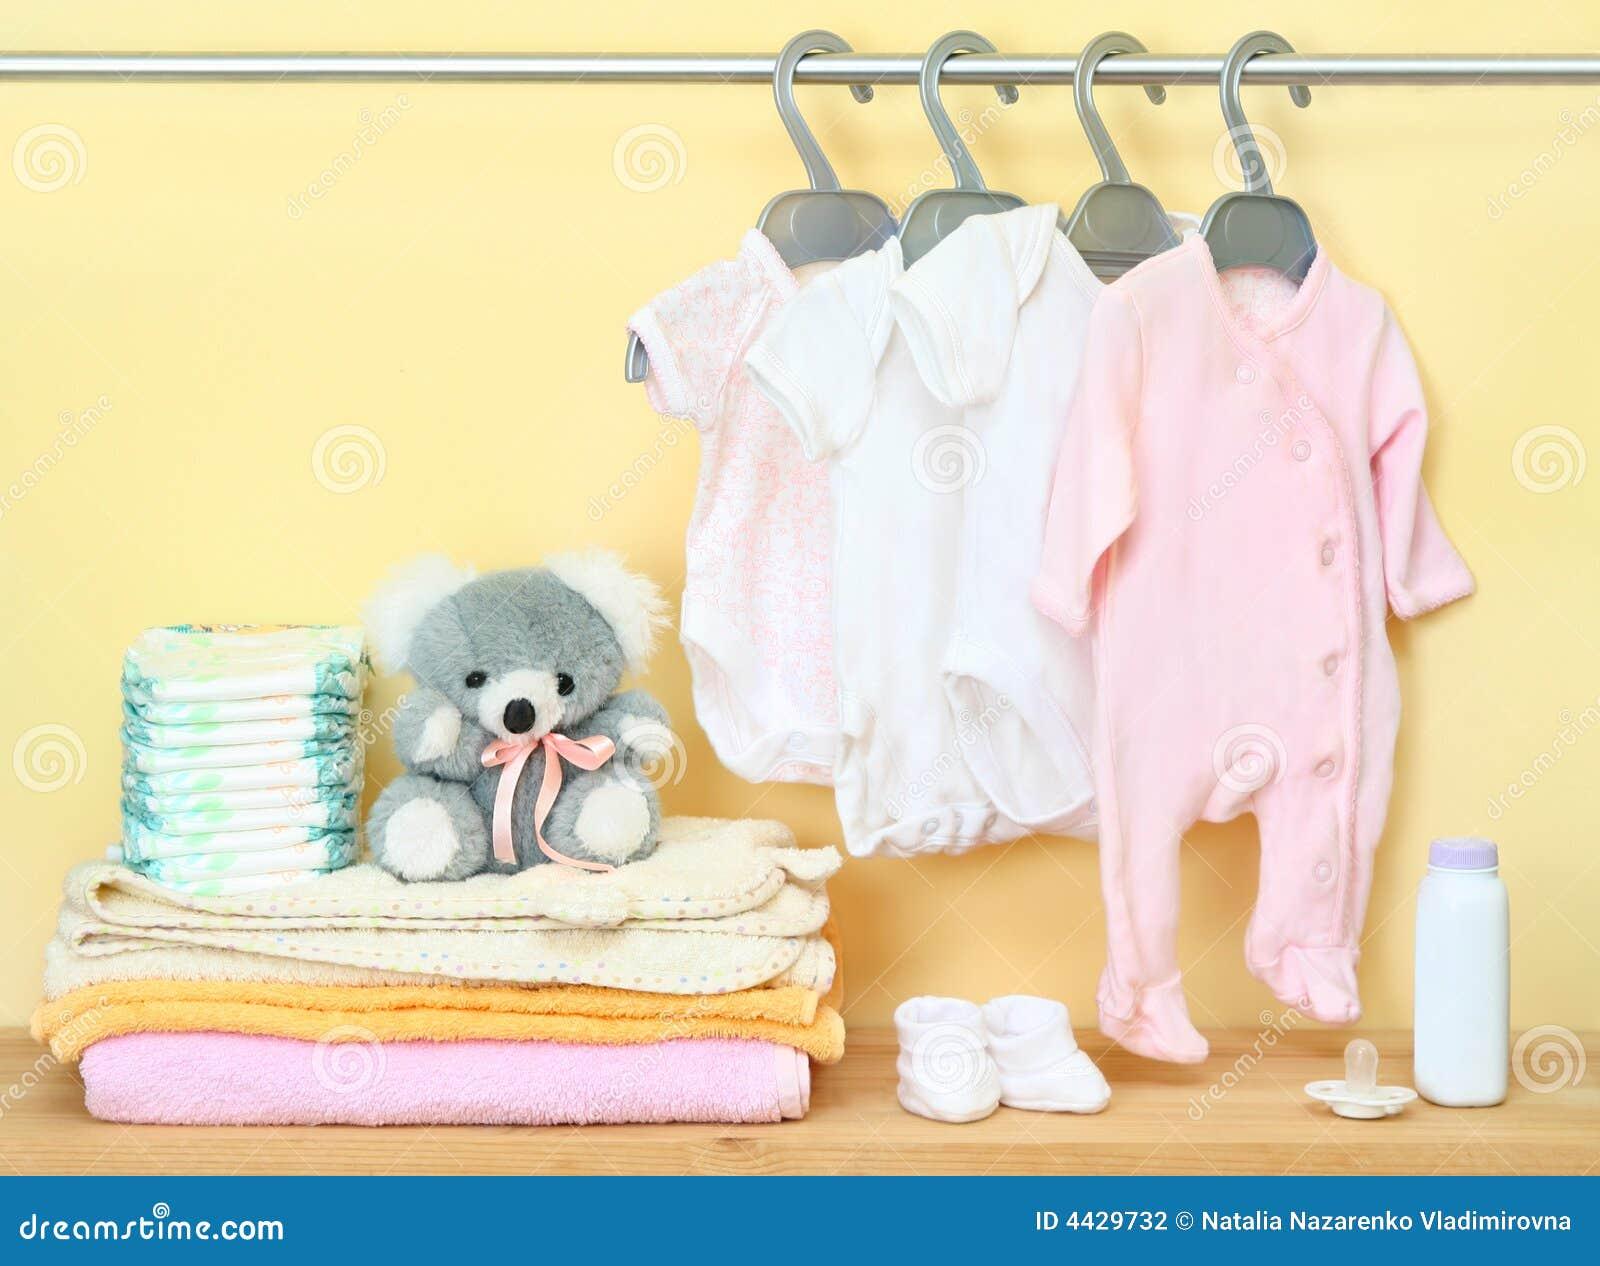 Vêtements et accessoires pour nouveau-né